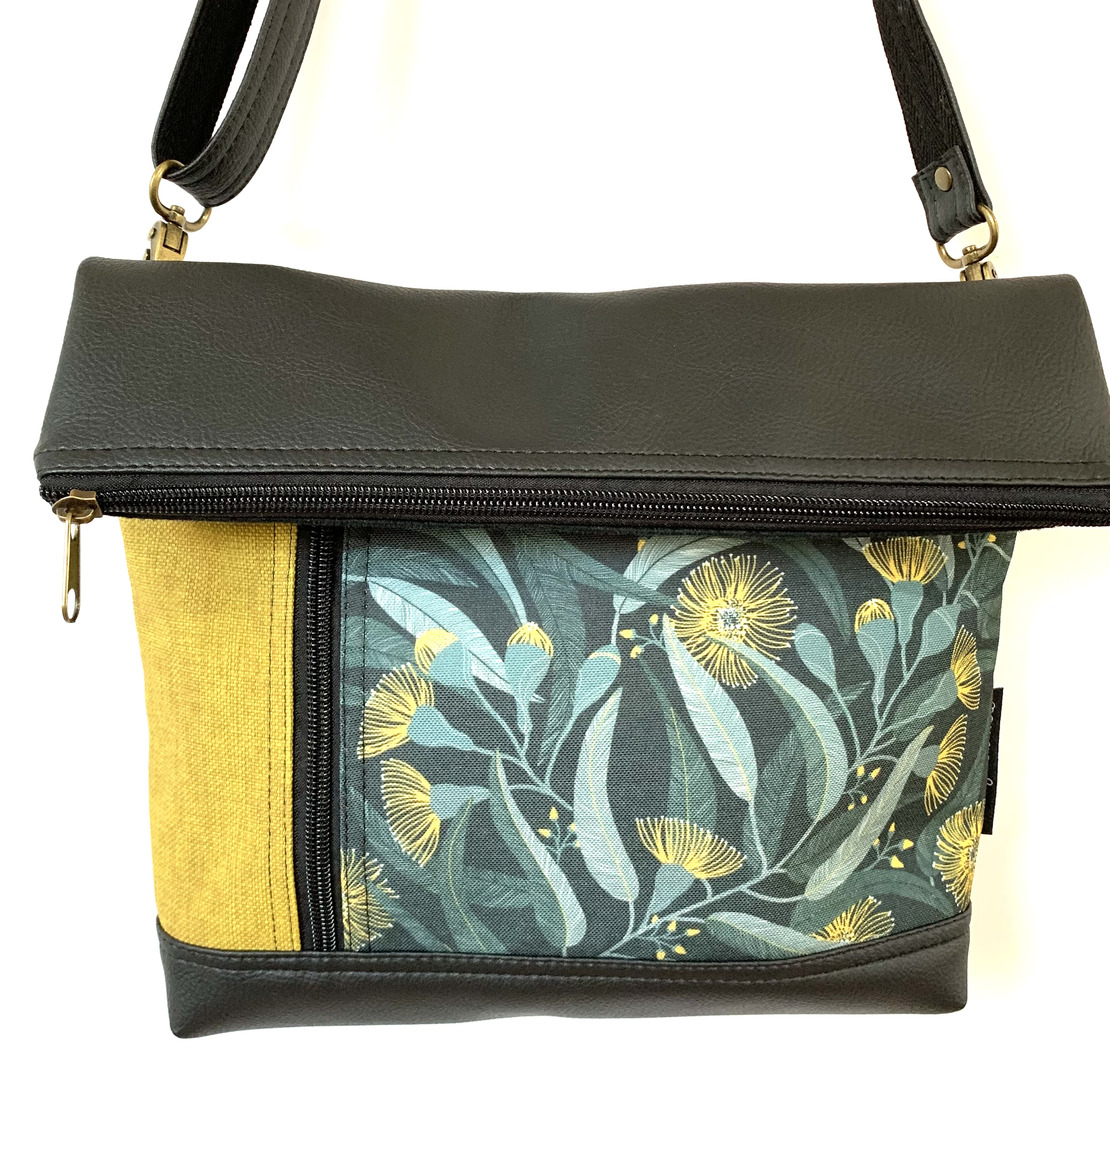 Inge Bag in Yellow Gum | Trada Marketplace